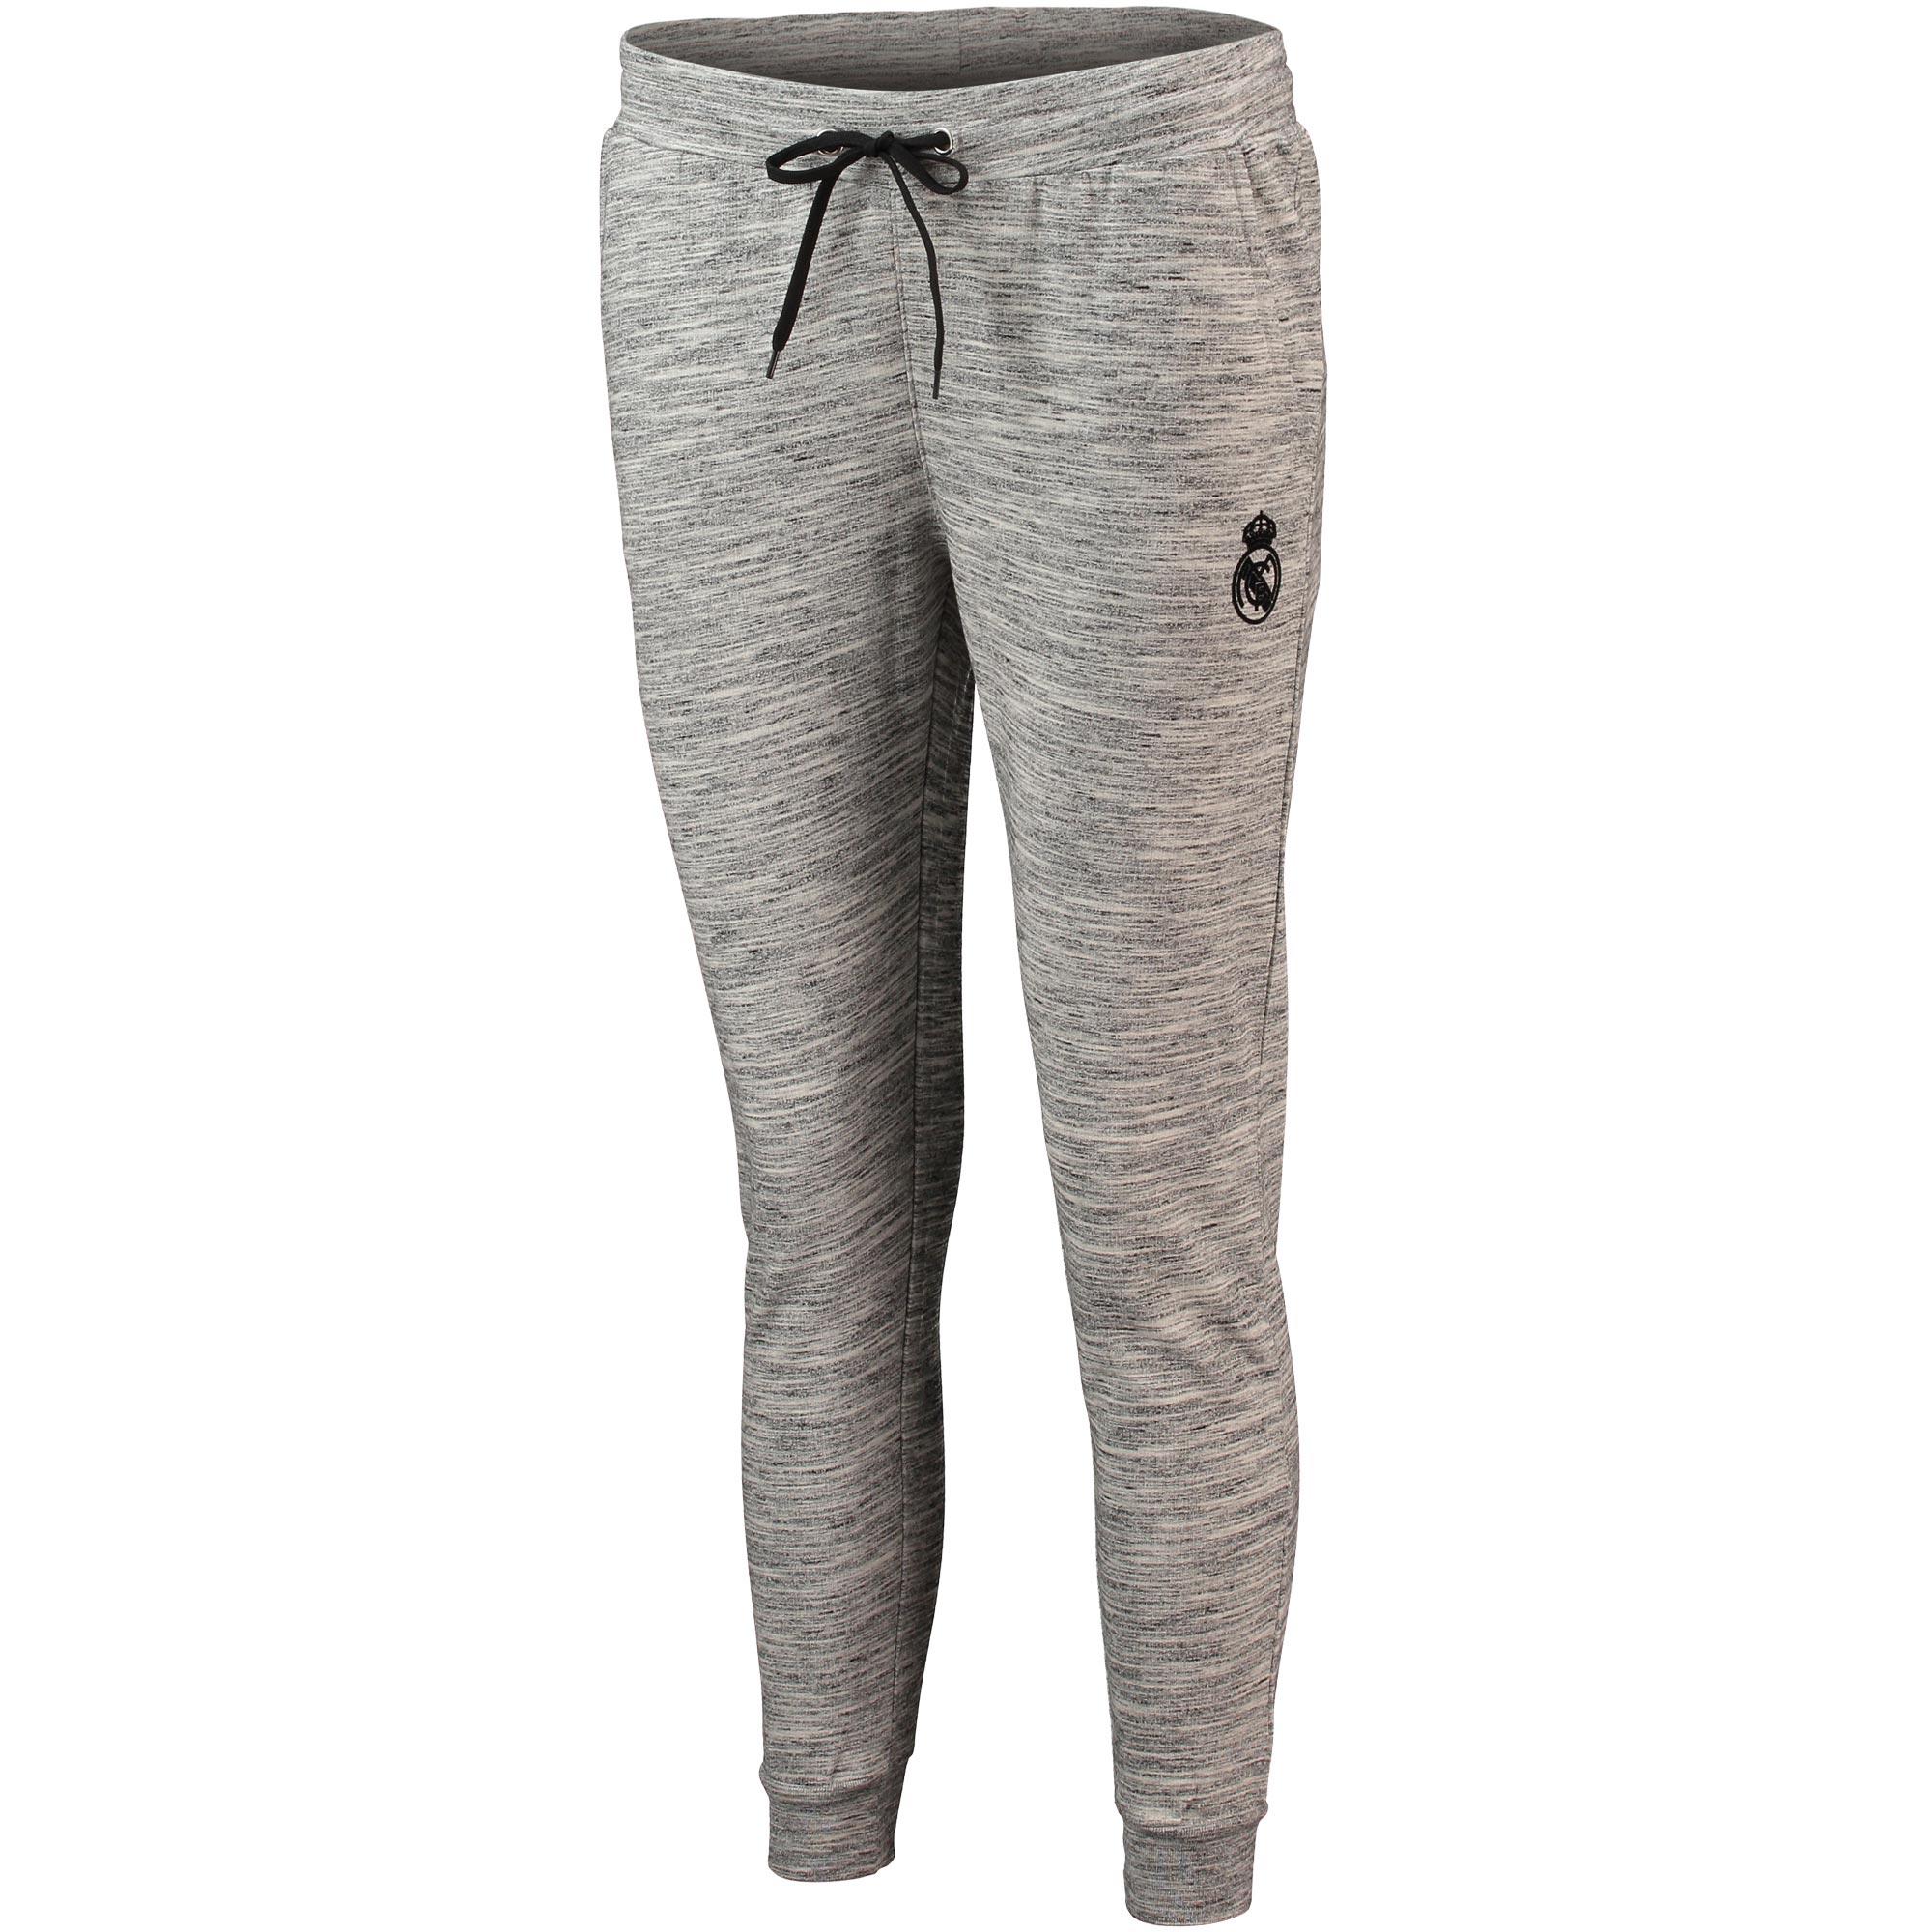 Pantalón de deporte ceñido del Real Madrid con escudo en gris para mujer